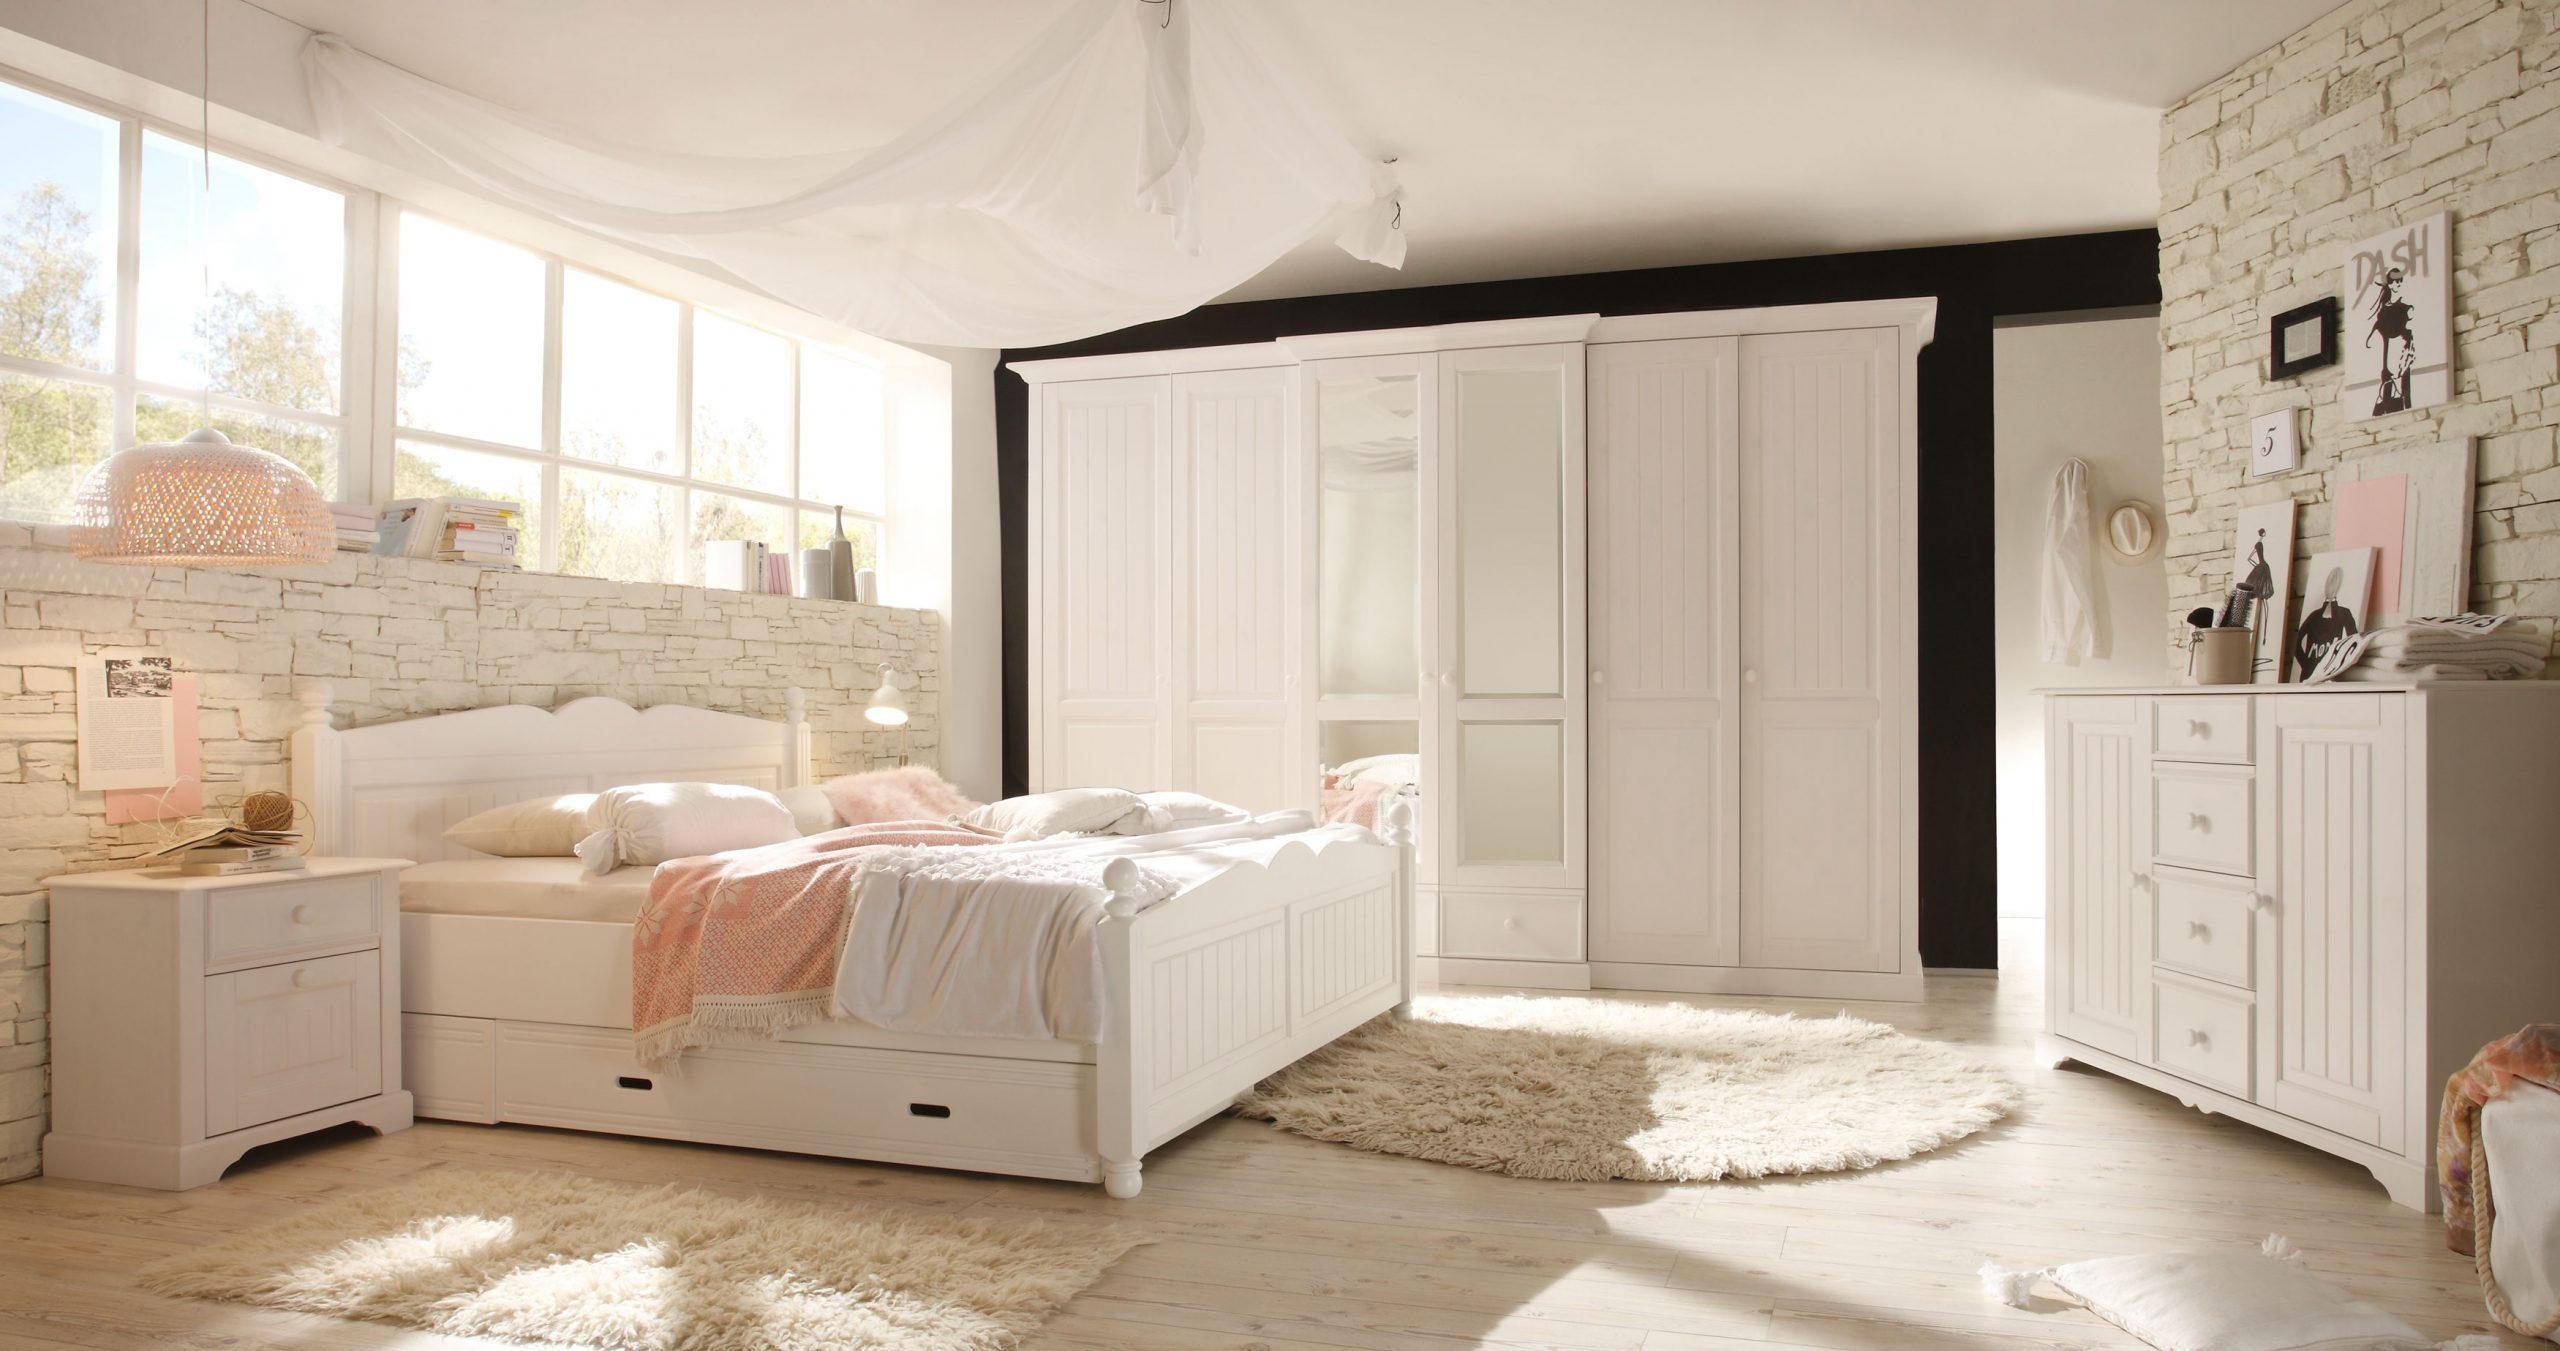 Full Size of Schlafzimmer Kaufen Komplett Kommode Günstig Deko Poco Kronleuchter Landhausstil Günstige Nolte Deckenleuchte Regal Regale Klimagerät Für Komplettangebote Schlafzimmer Komplett Schlafzimmer Günstig